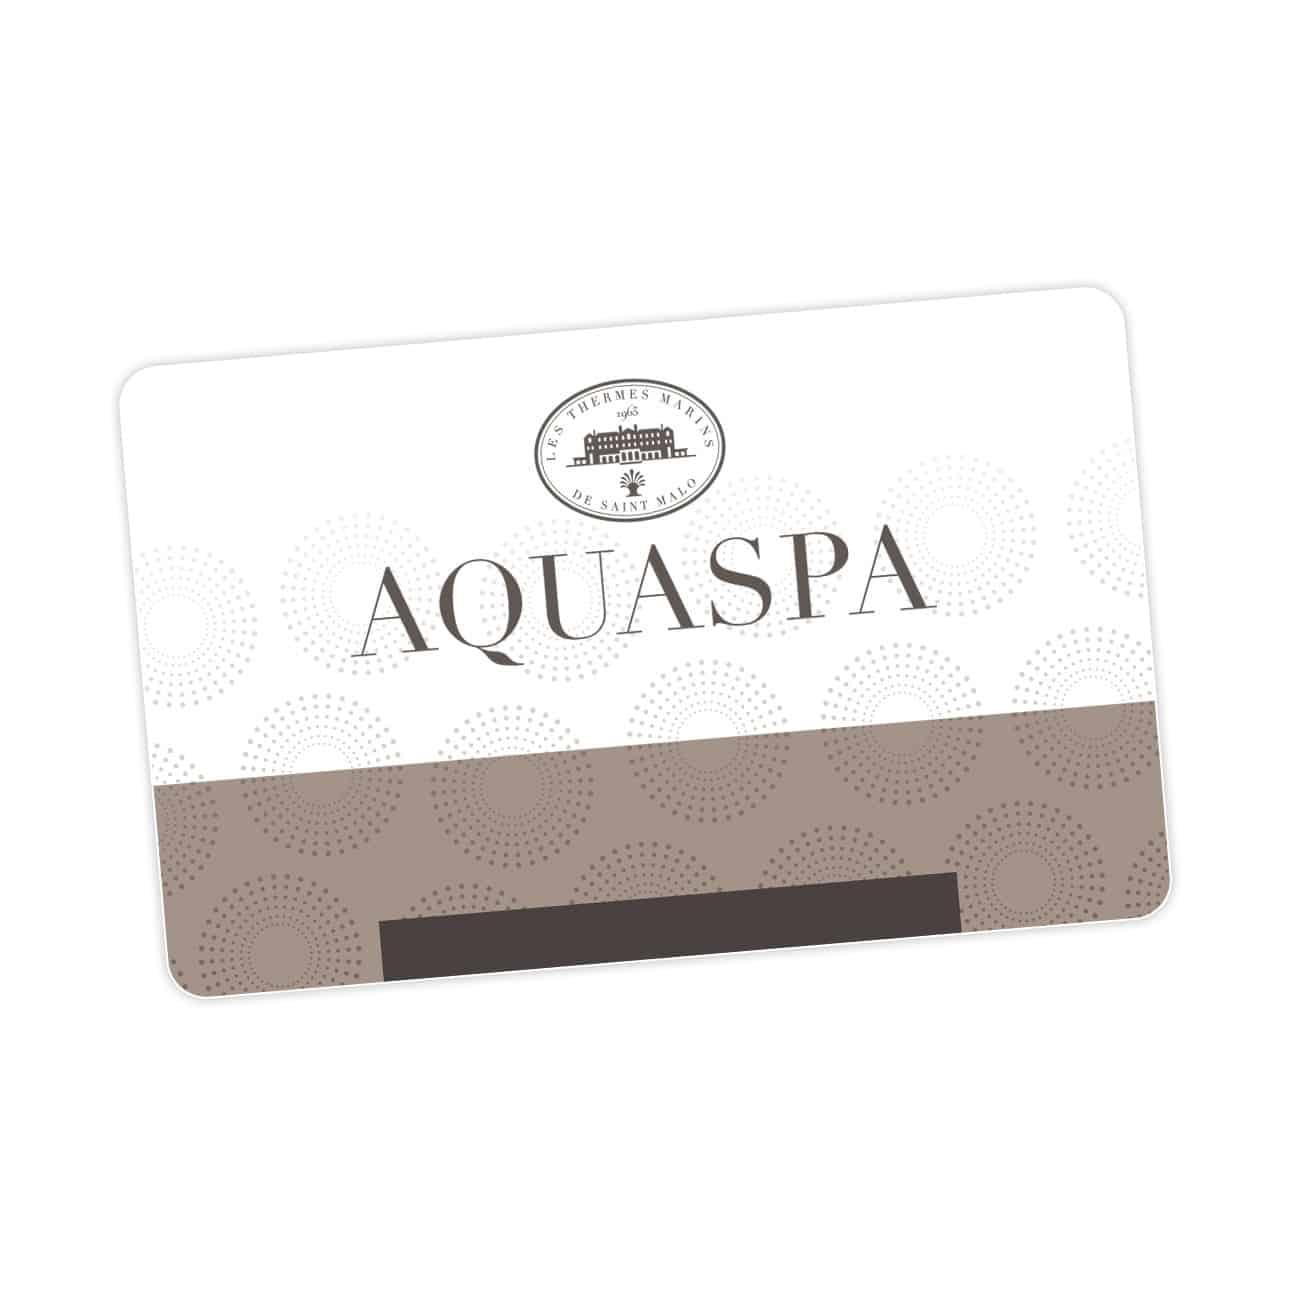 carte cadeau val d europe La carte cadeau AQUASPA | Aquatonic Paris Val d'Europe